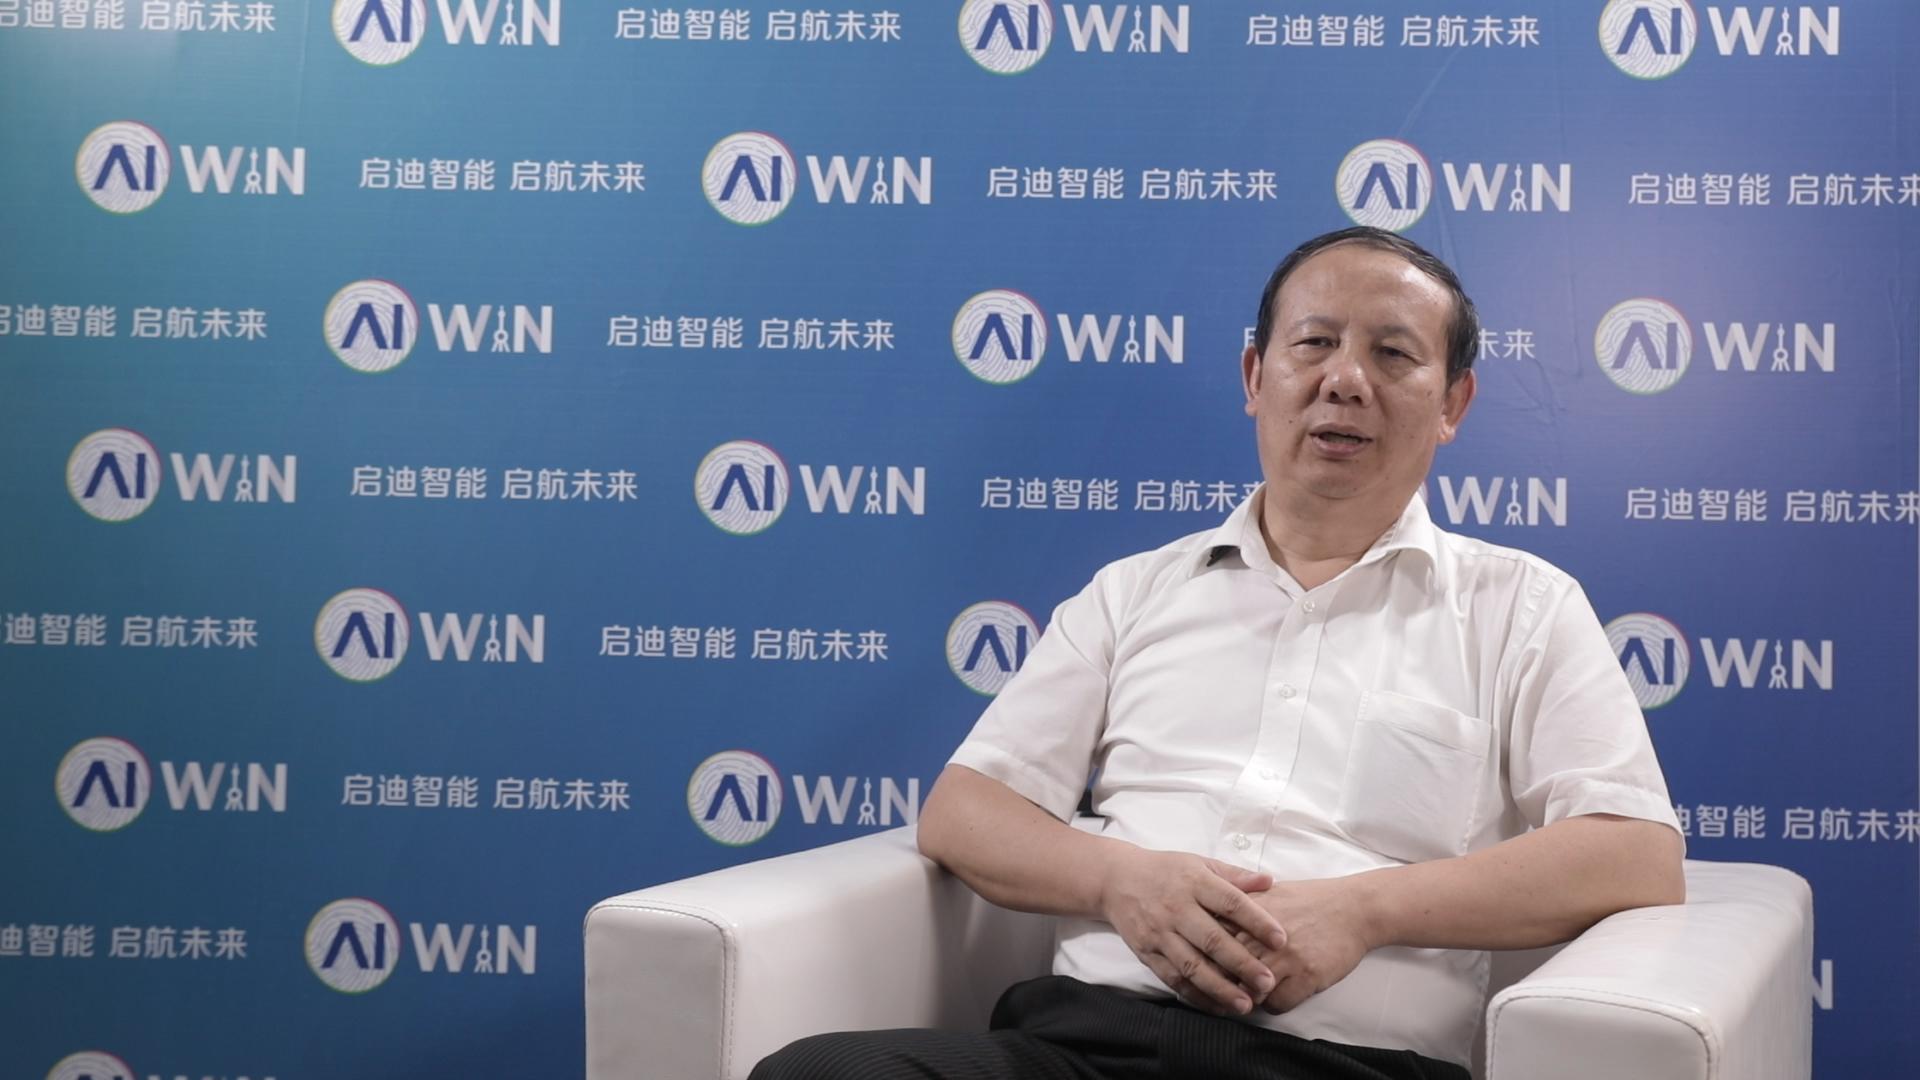 专访上海交大副校长毛军发:硅谷创新离不开斯坦福,上海创新同样离不开交大